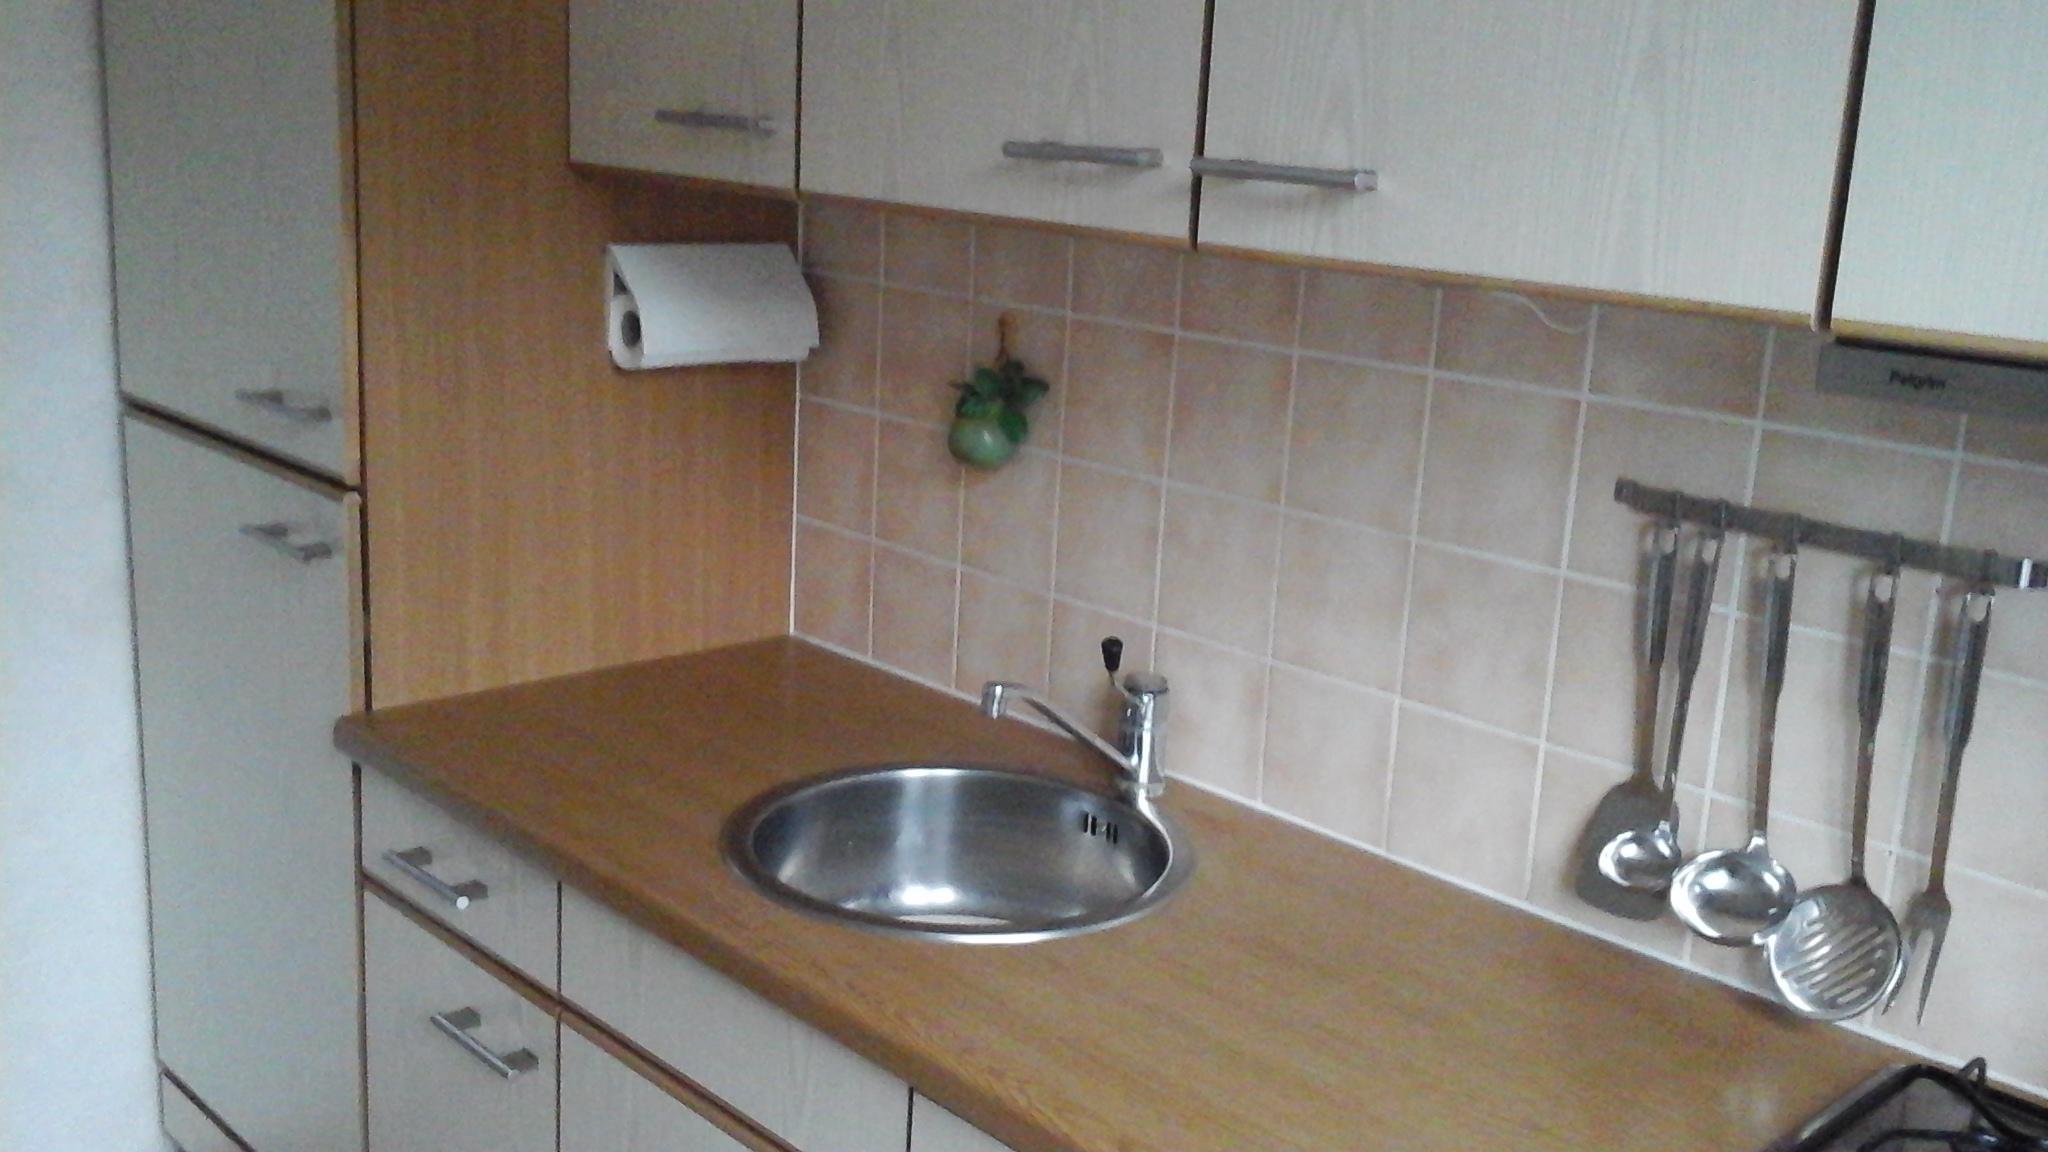 Bekend Ik wil mijn keukenkastjes schilderen en aanrechtblad lakken Hoe ID79